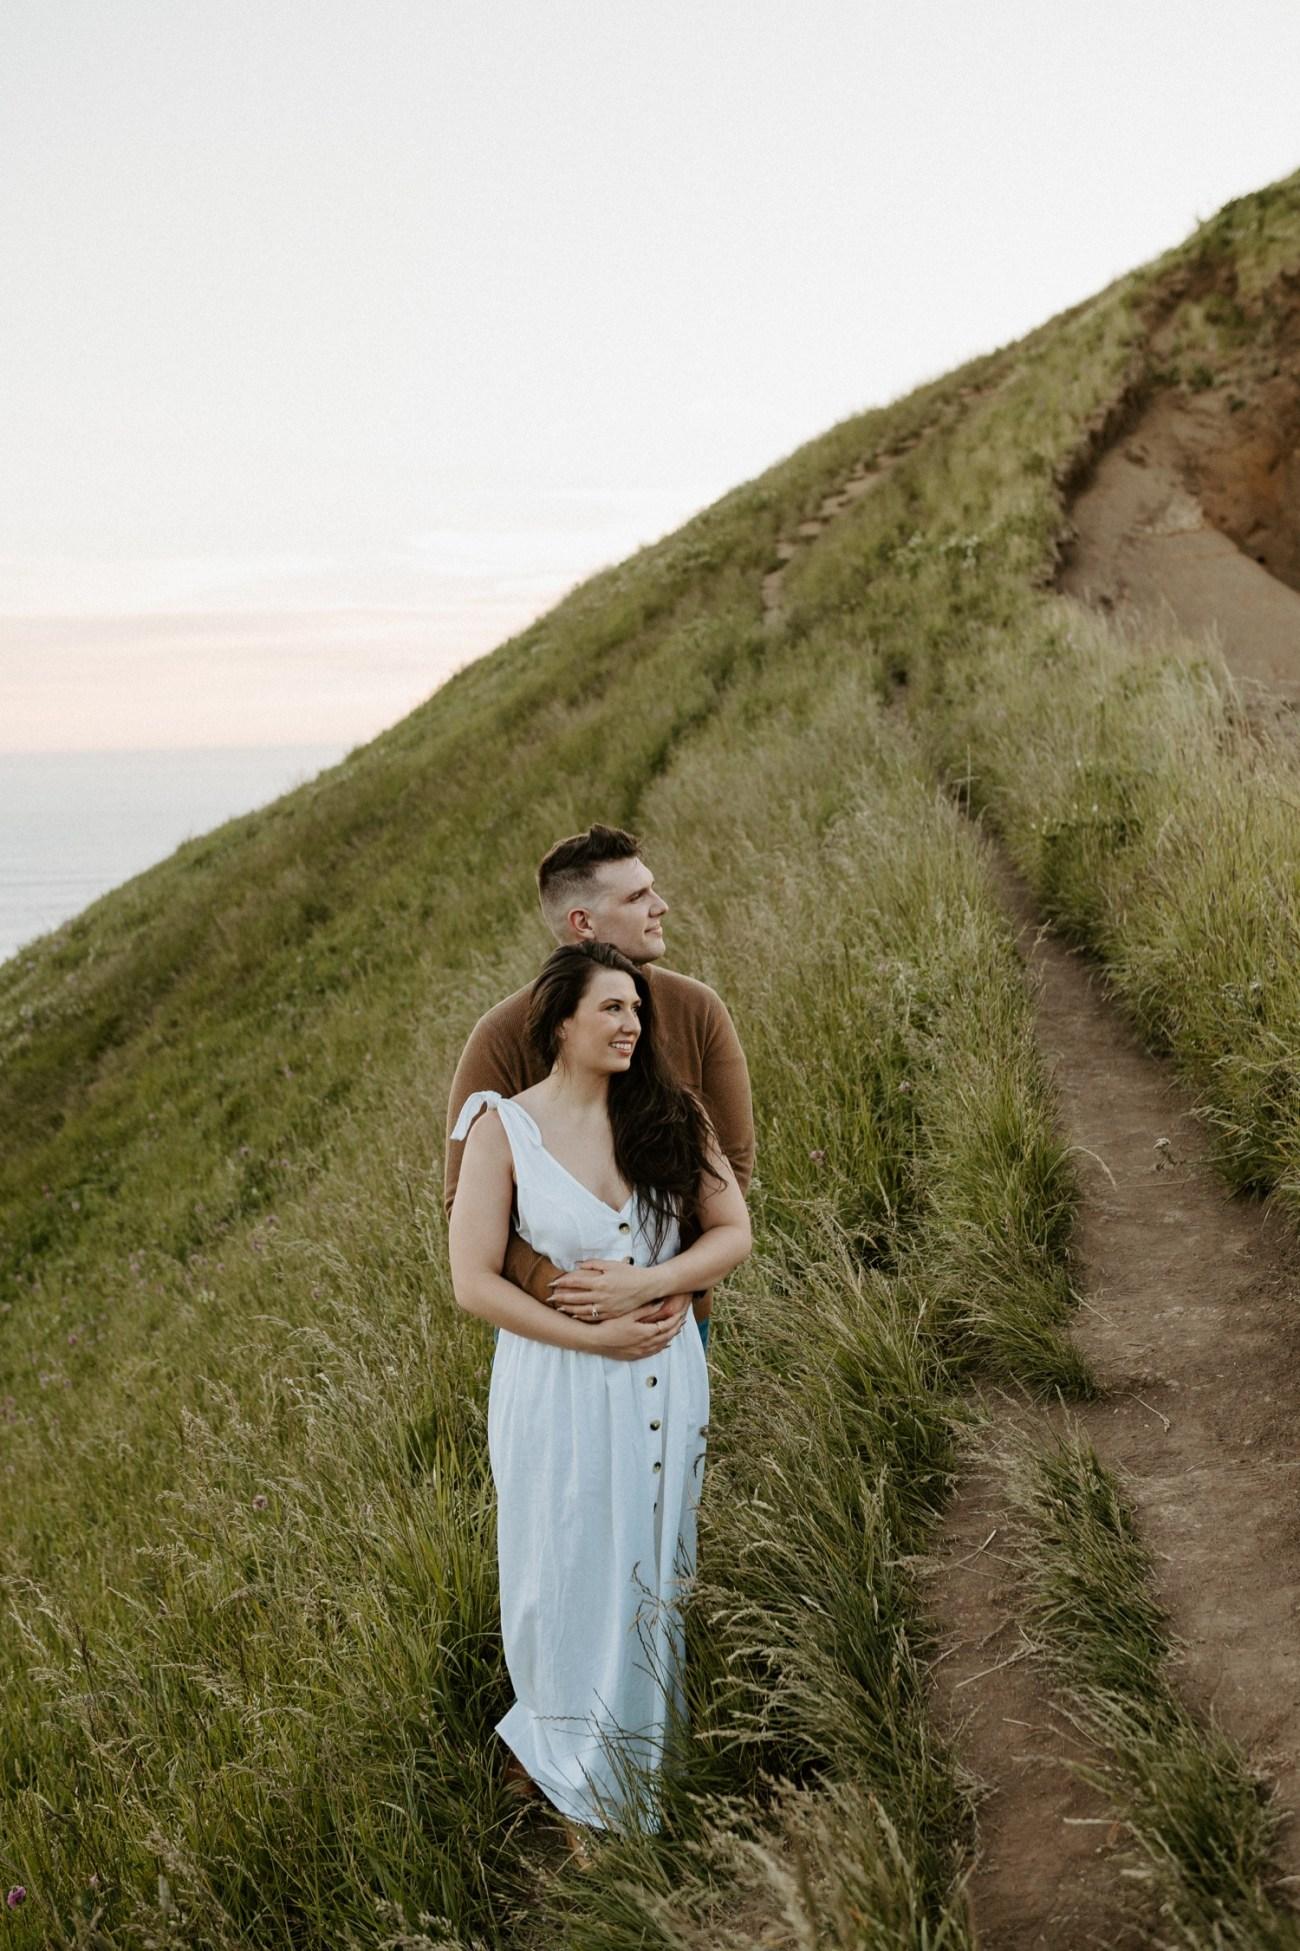 Oregon Coast Gods Thumb Engagement Session Bend Oregon Wedding Photographer Anais Possamai Photography 28